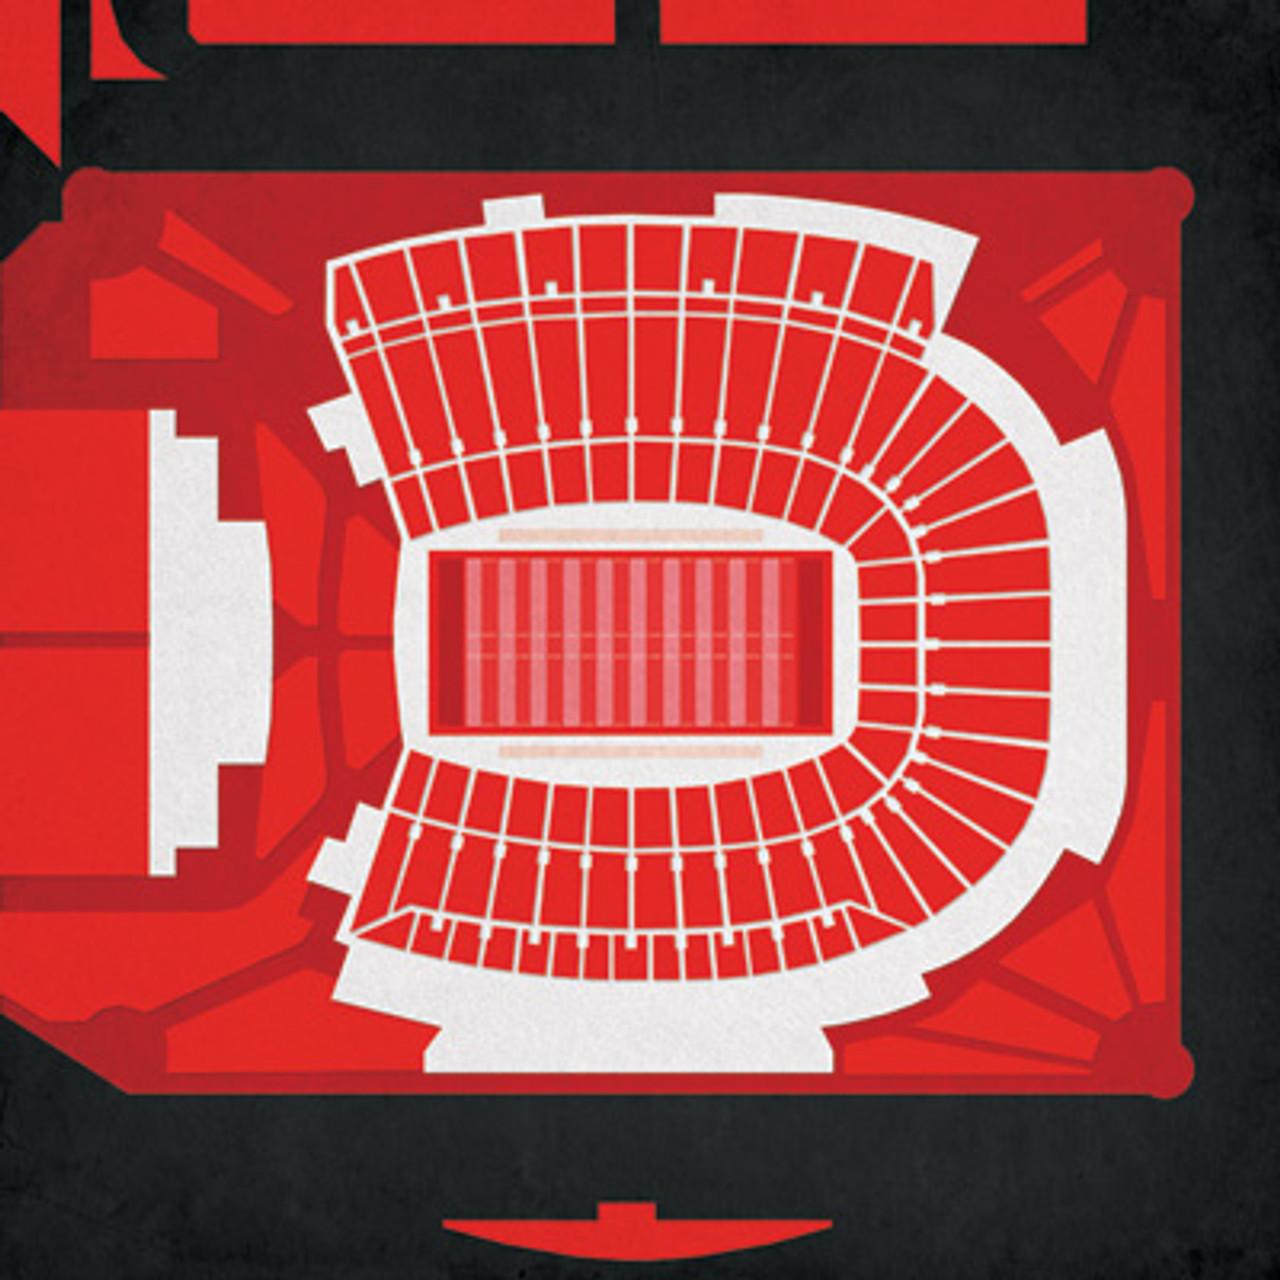 Louisville Cardinals - Cardinal Stadium City Print